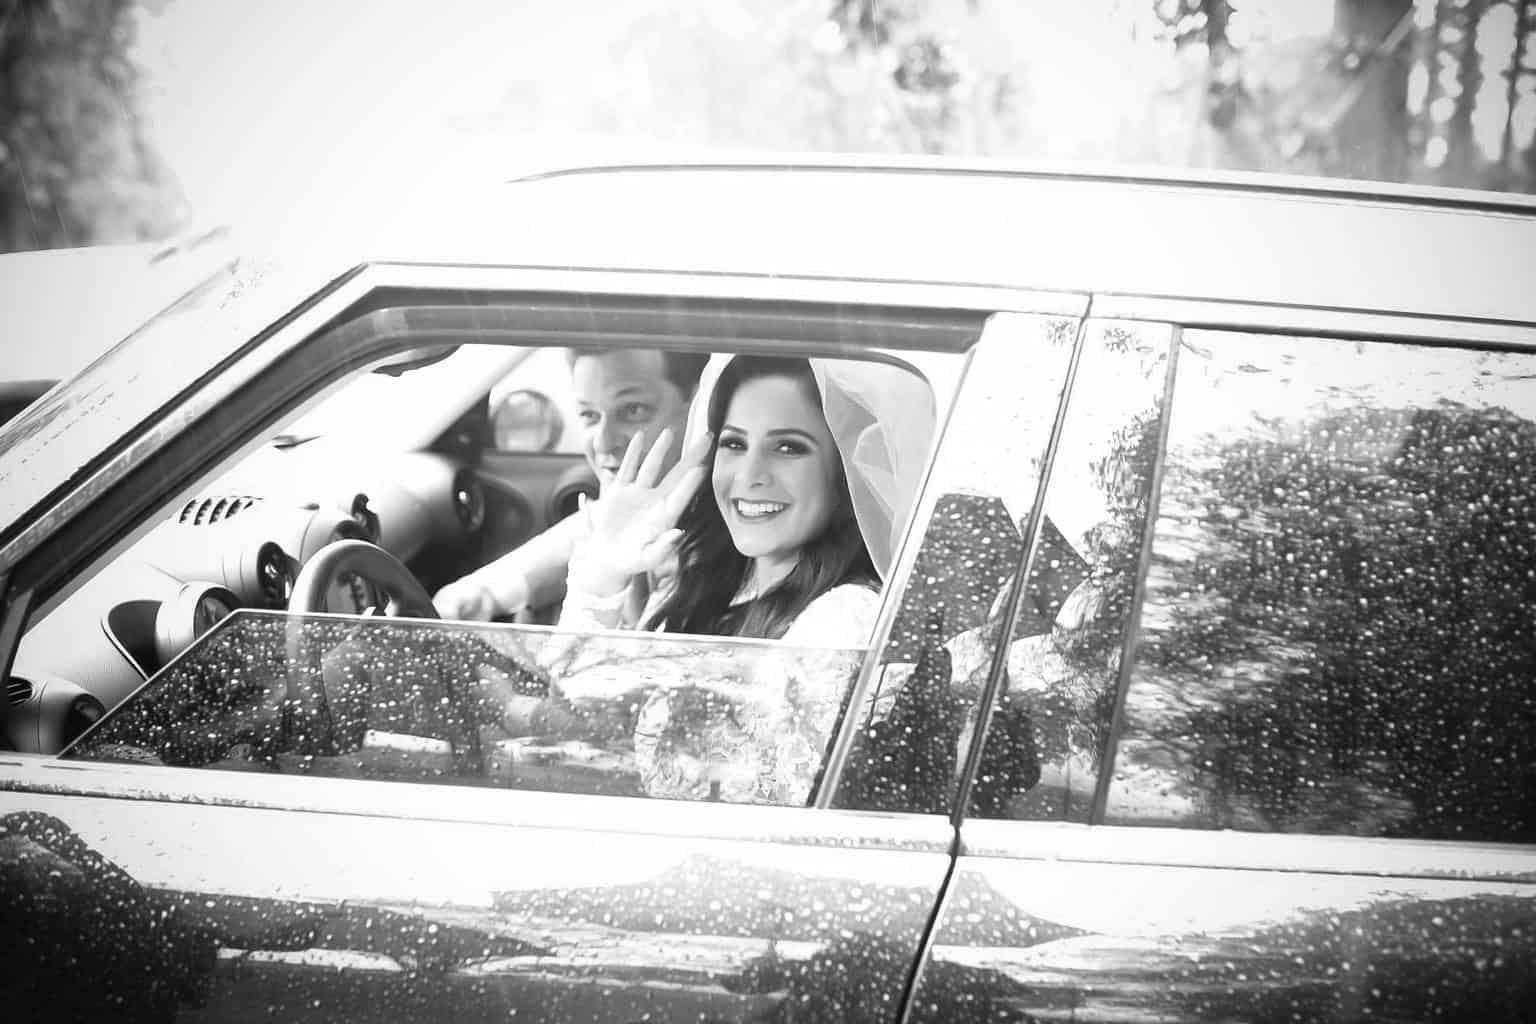 casamento-ariane-e-antonio-carlos-caseme-foto-silvia-penati-66